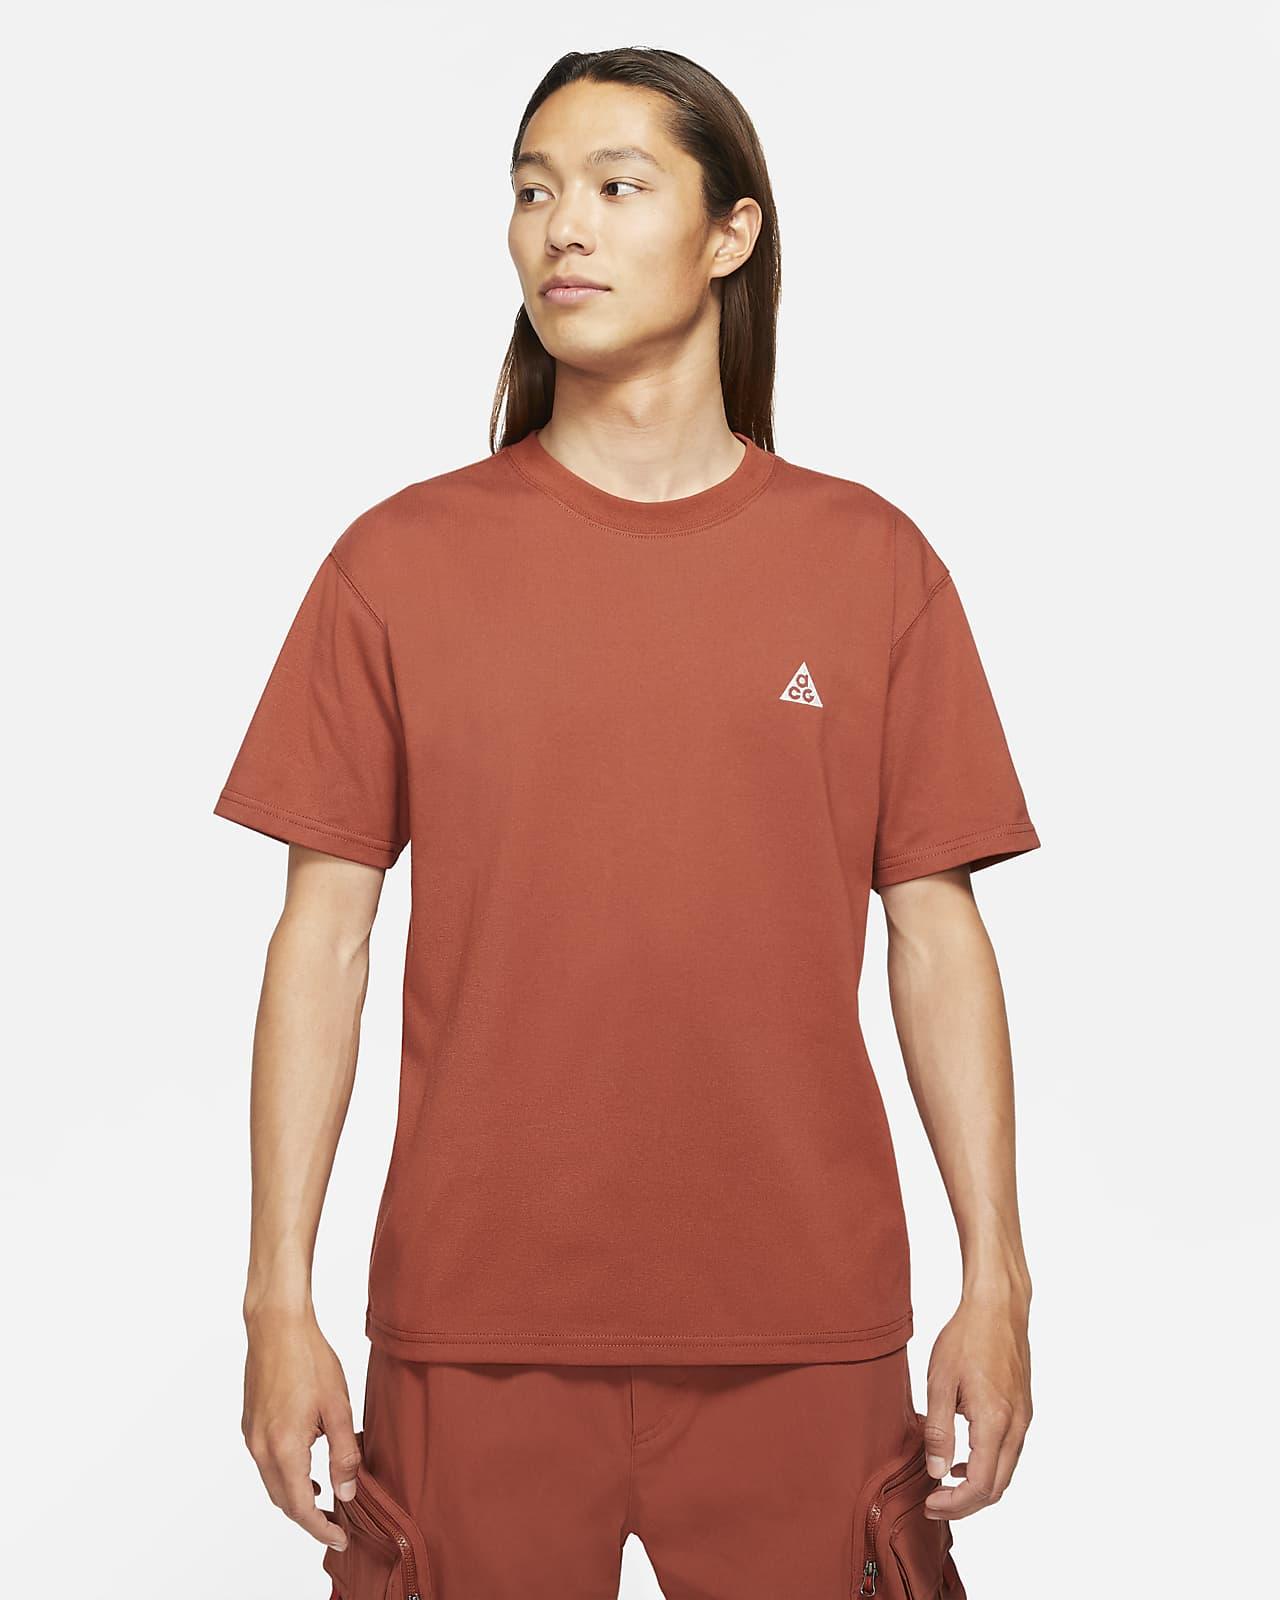 ナイキ ACG メンズ ショートスリーブ Tシャツ